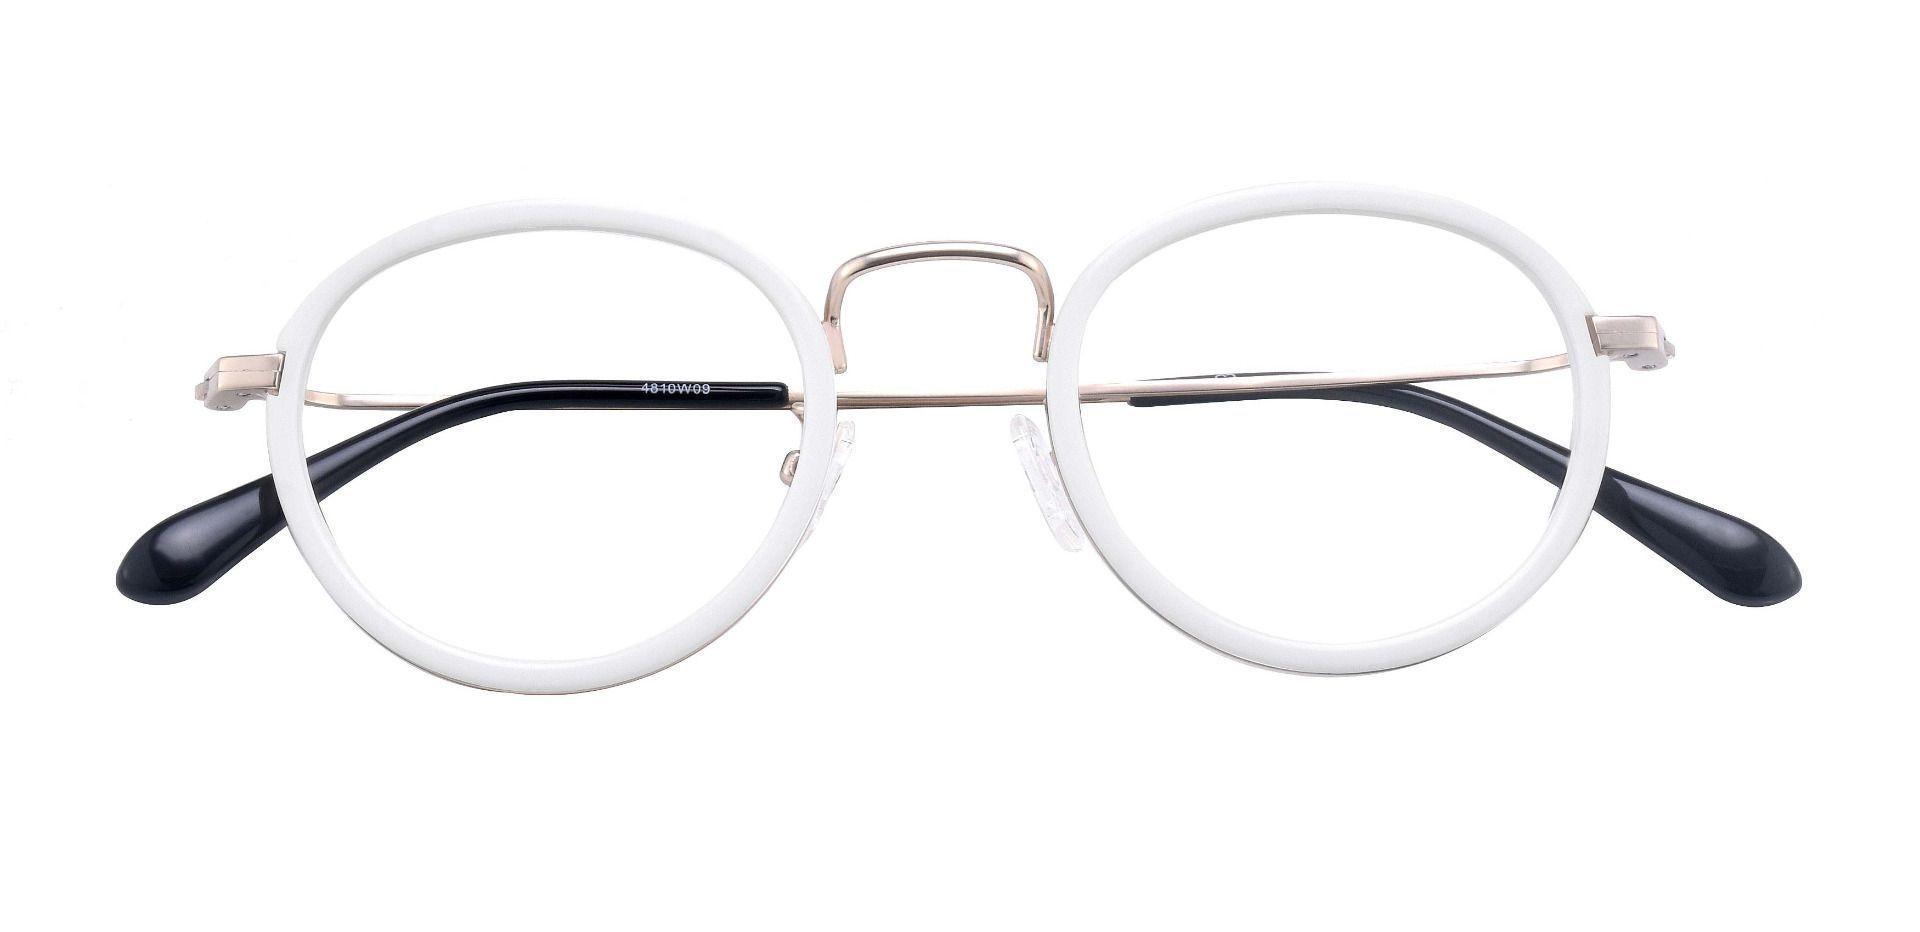 Briscoe Oval Prescription Glasses - White Brushed Silver